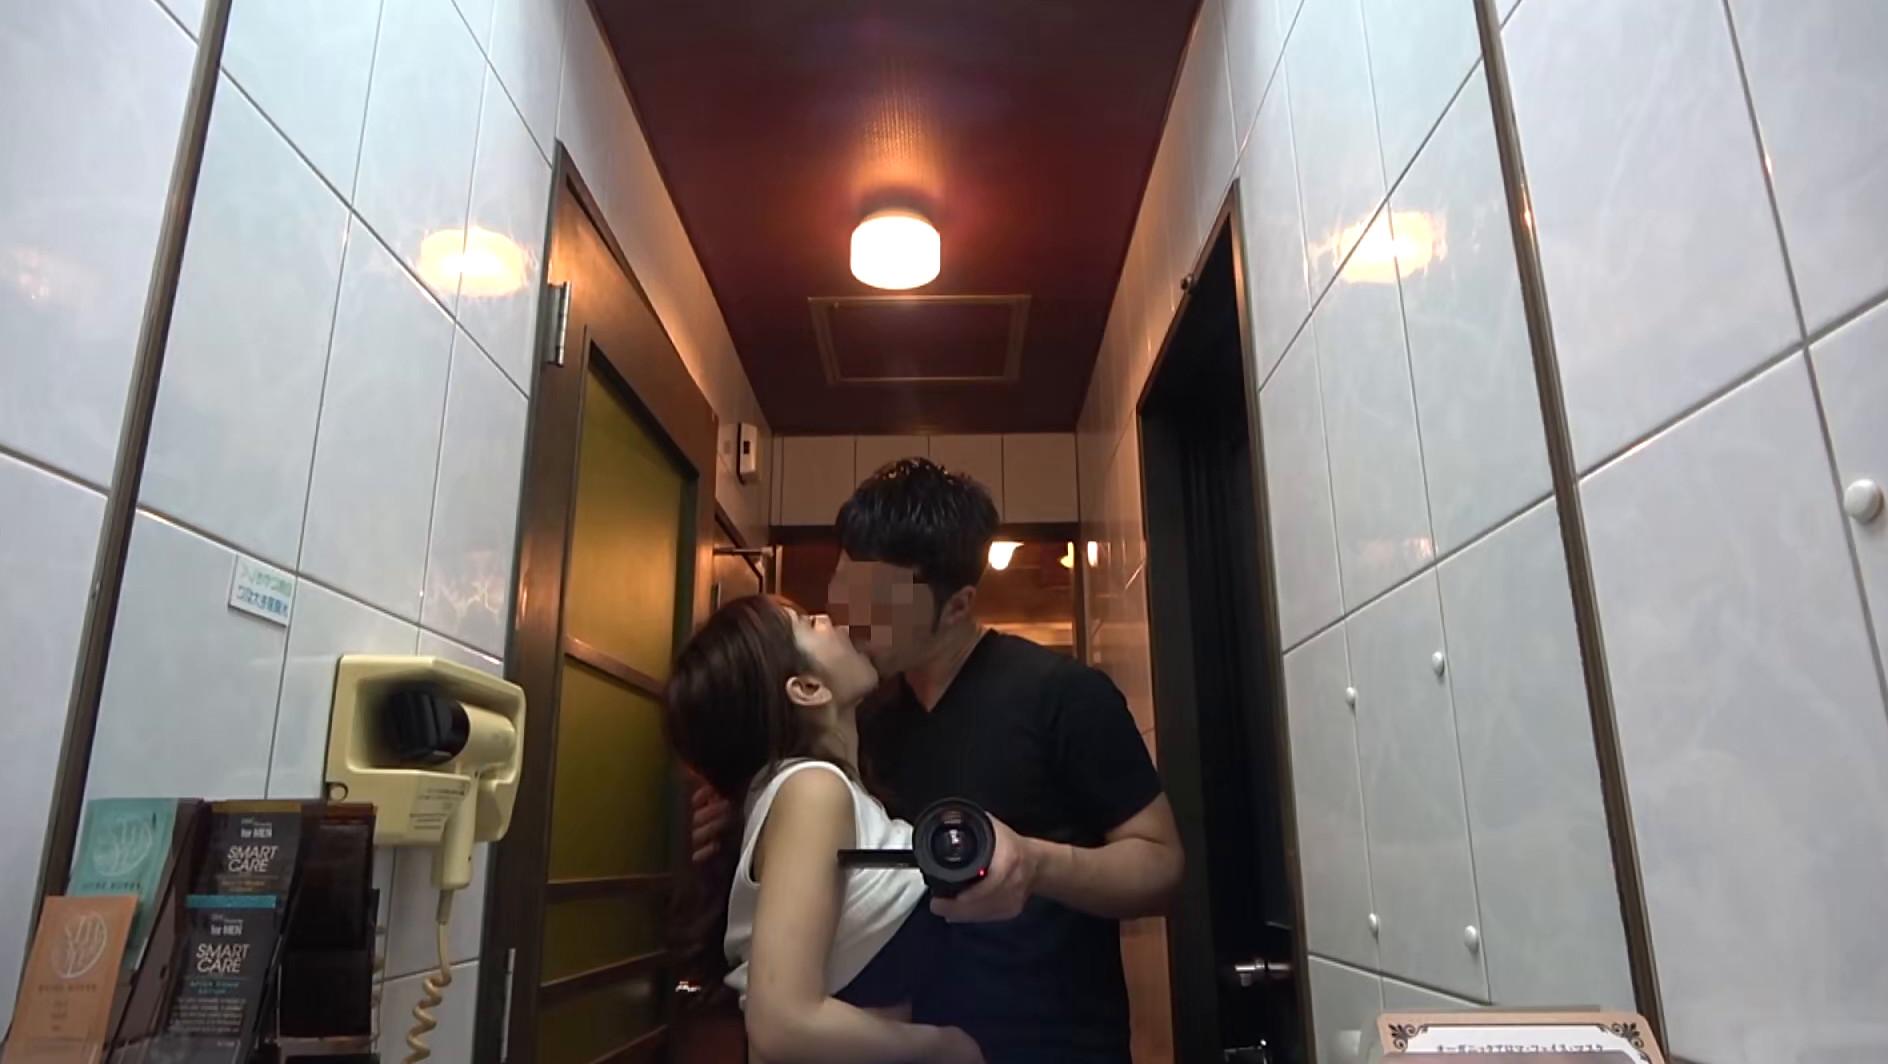 浮気に目覚めた人妻がホテルで浮気相手と濃厚SEX,のサンプル画像4